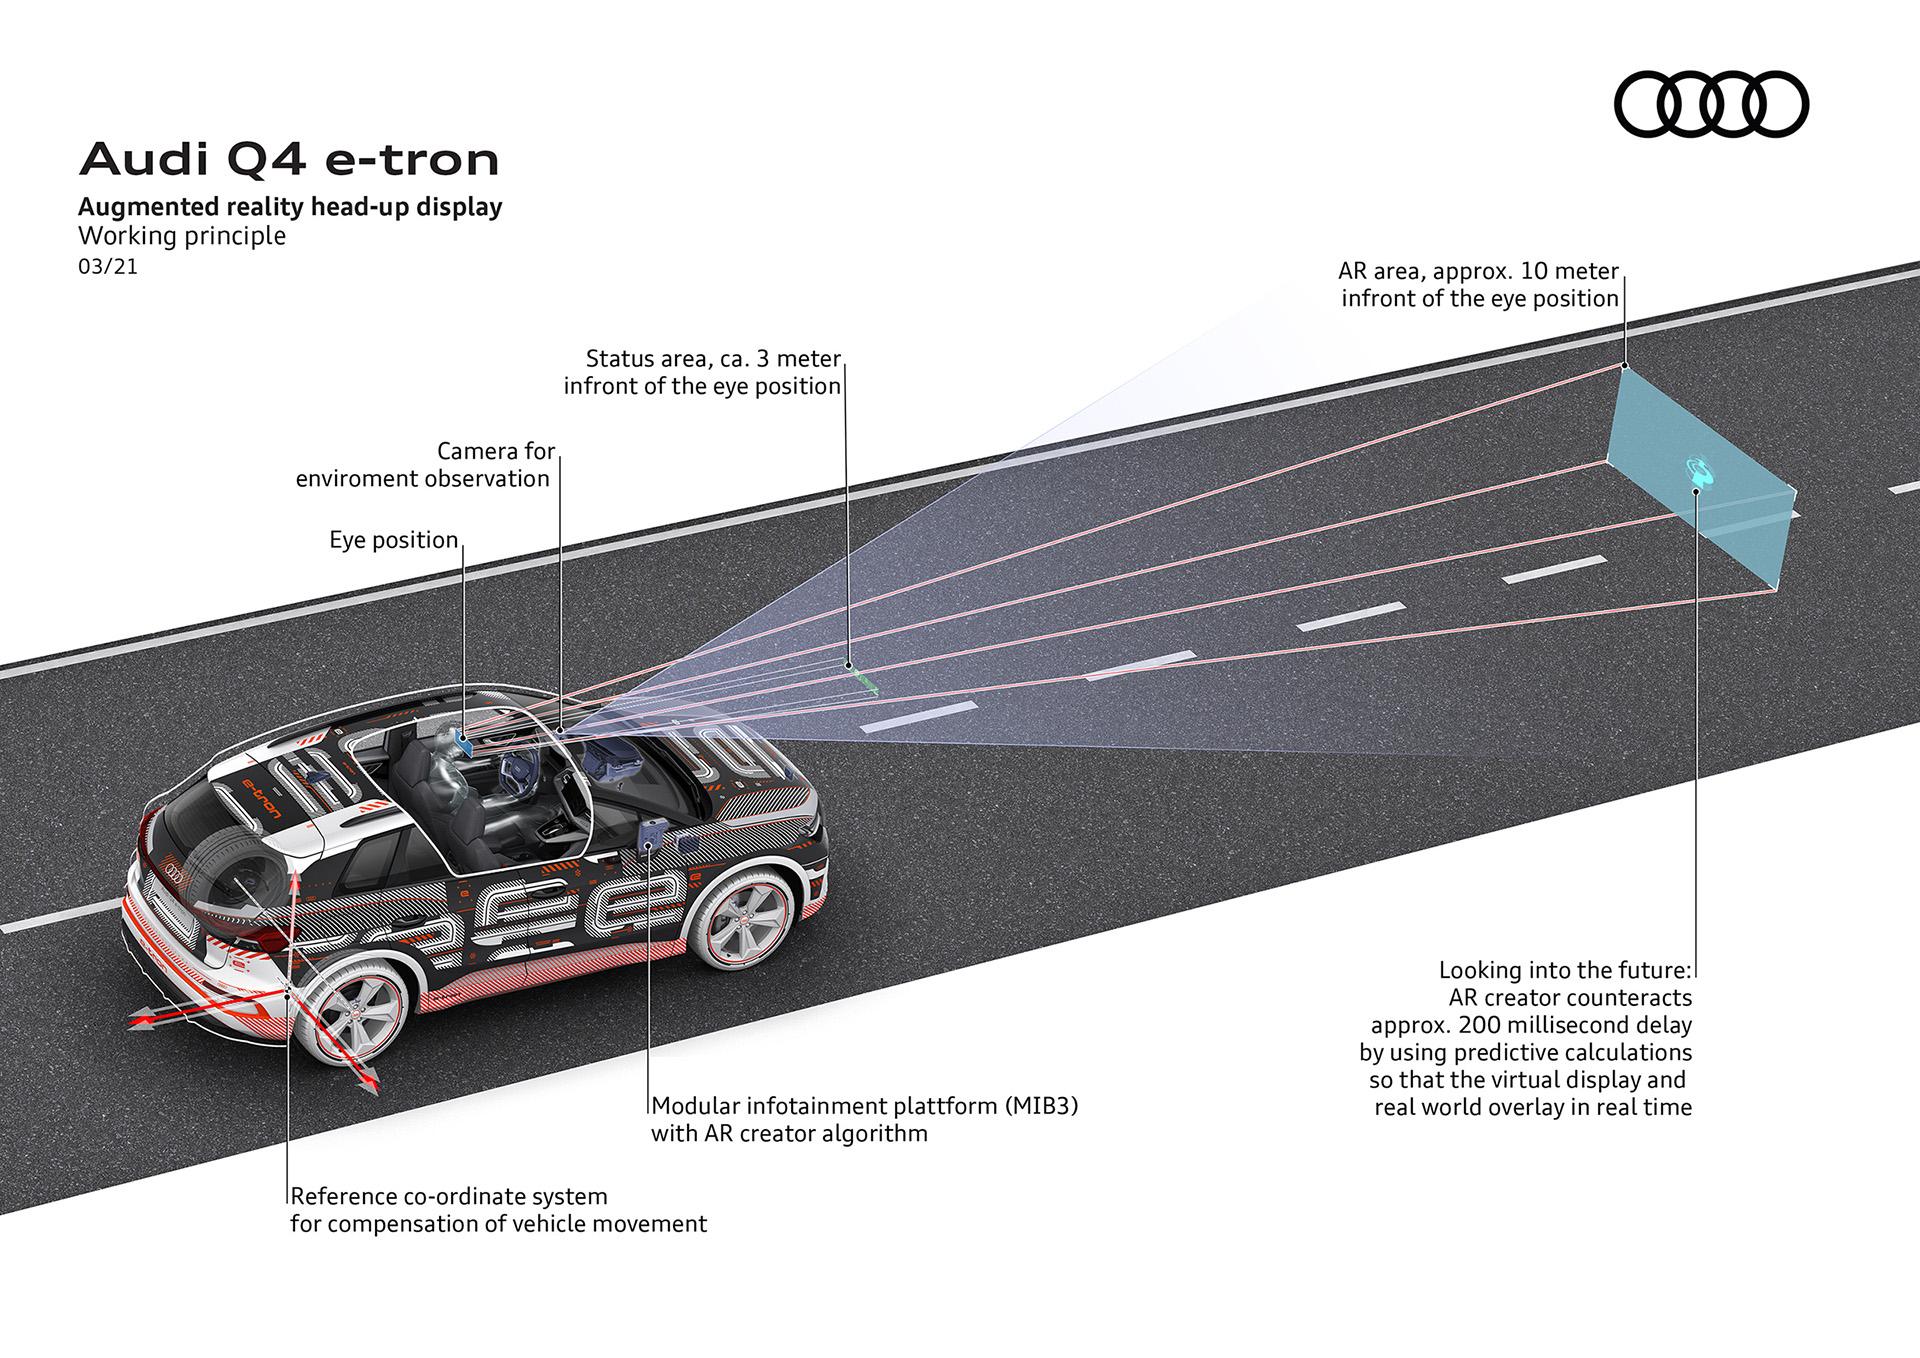 Audi Q4 e-tron cockpit